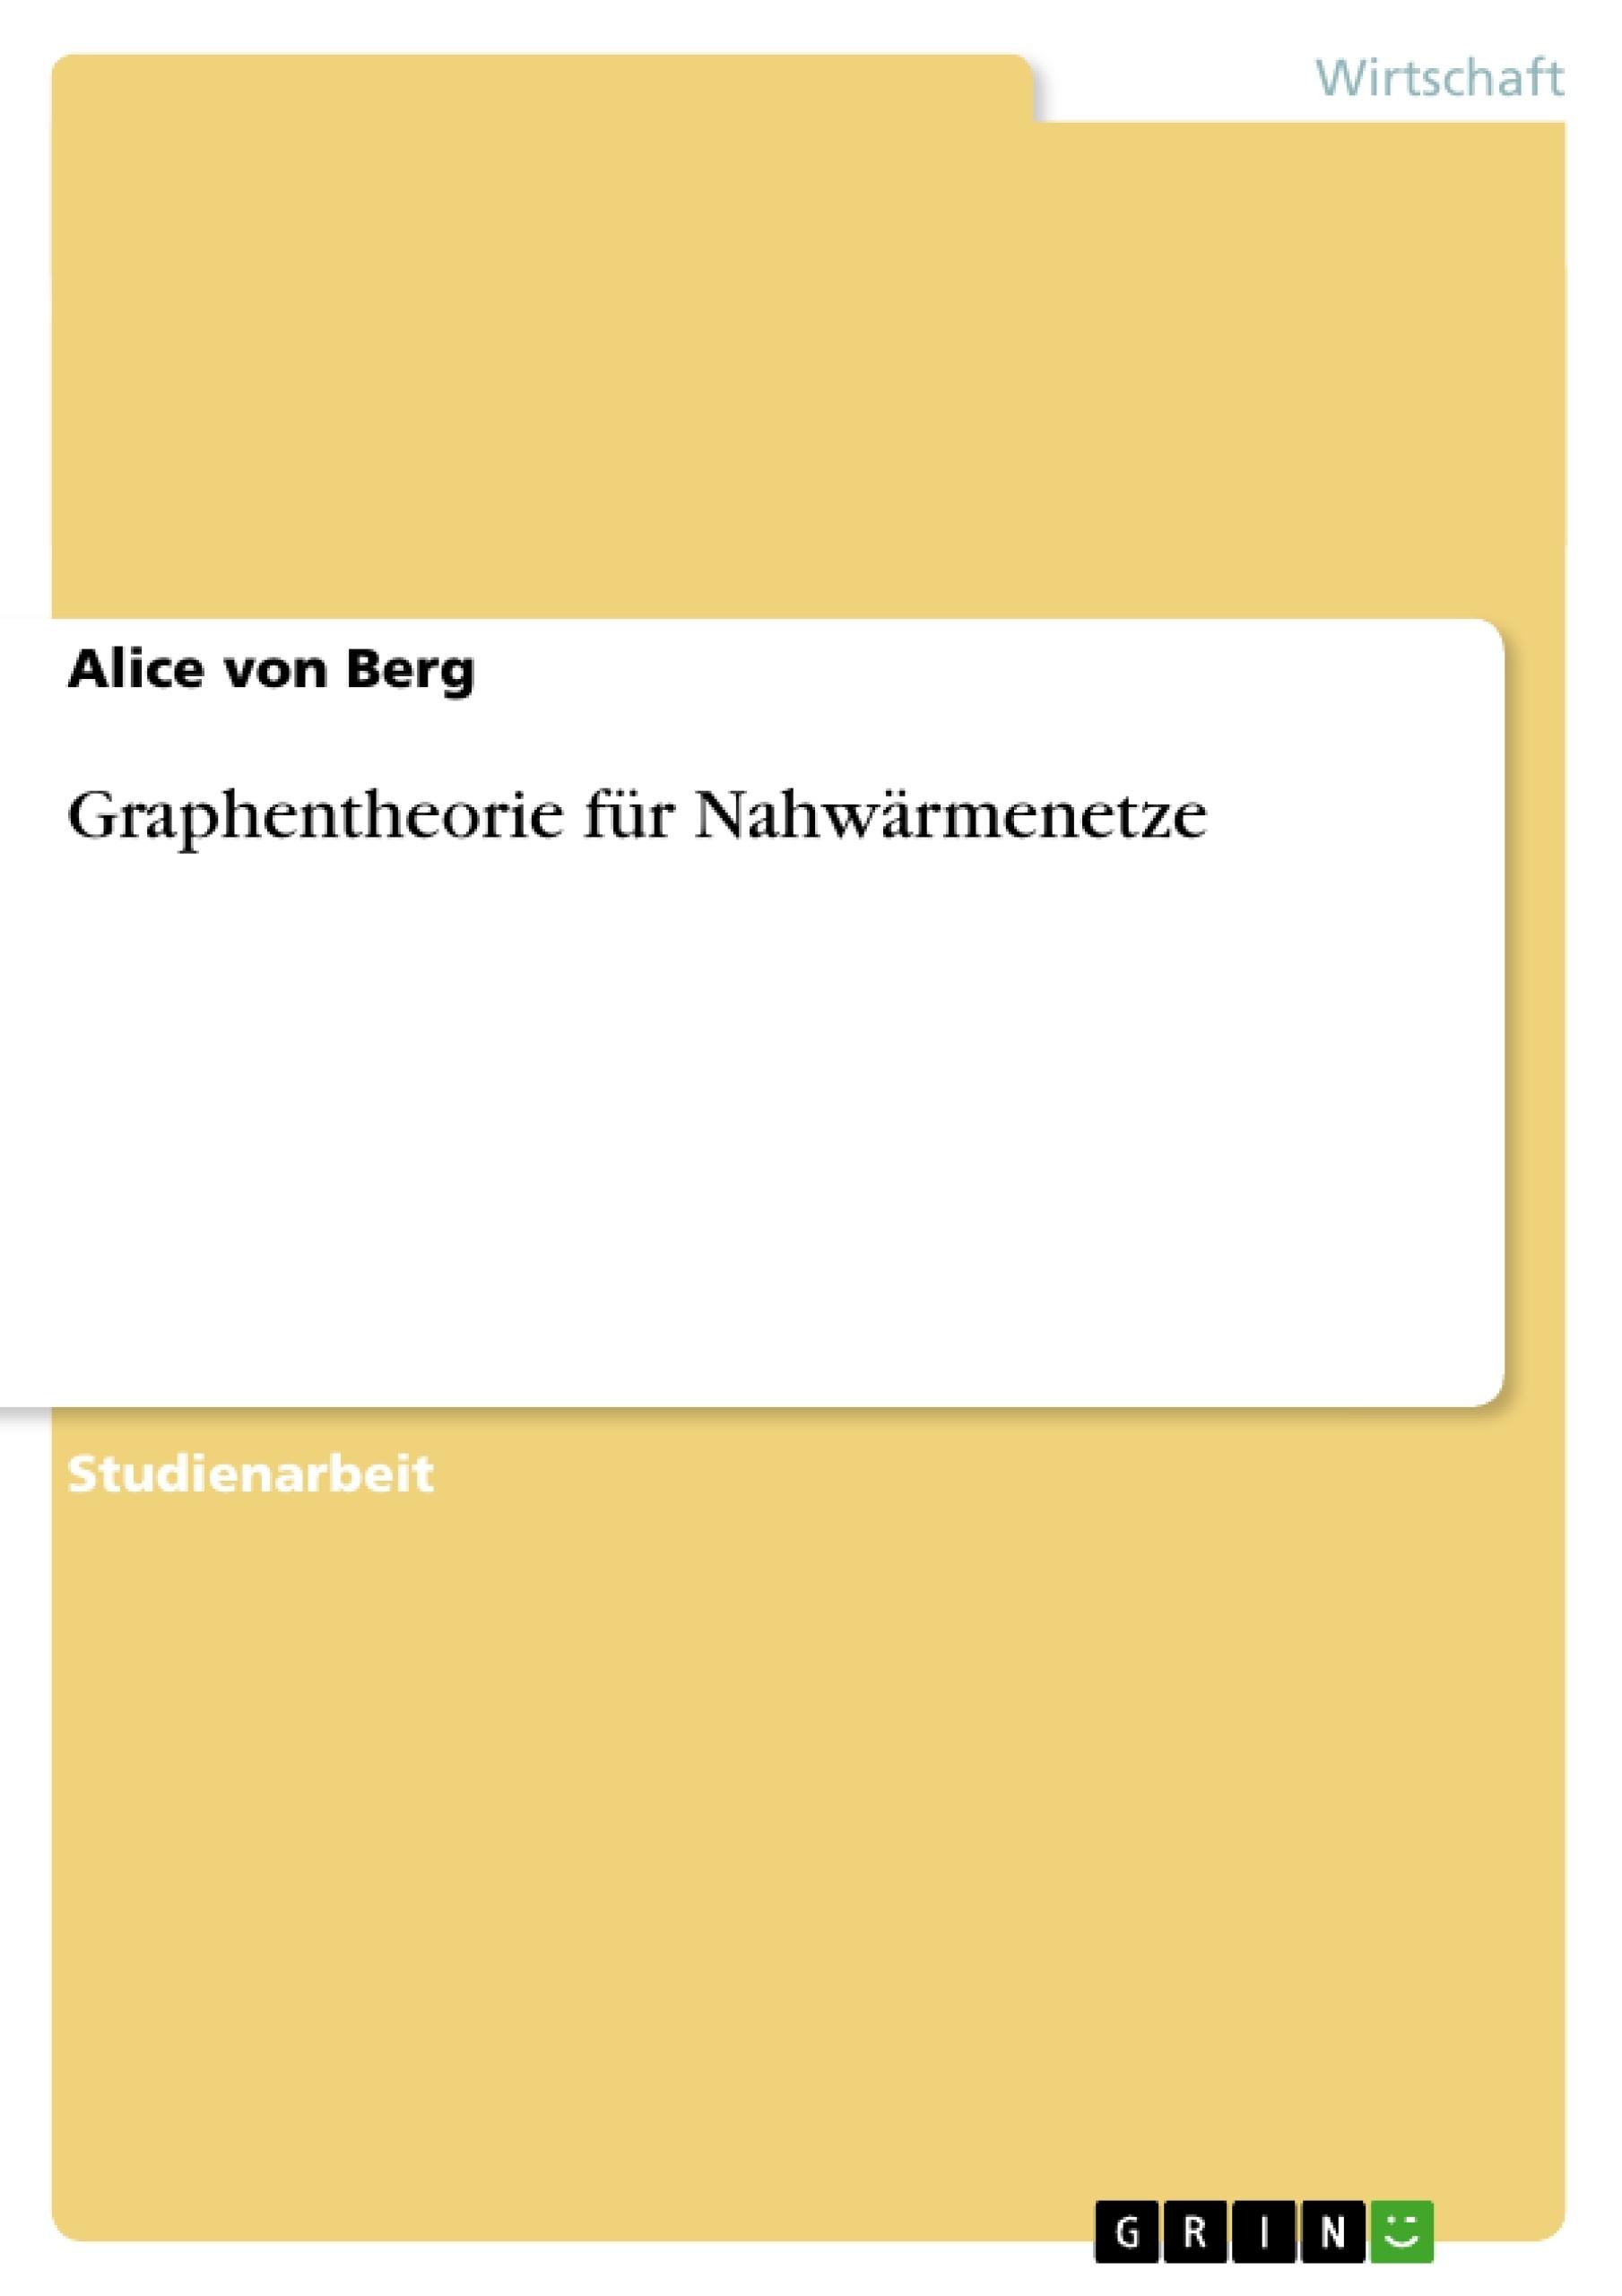 Titel: Graphentheorie für Nahwärmenetze